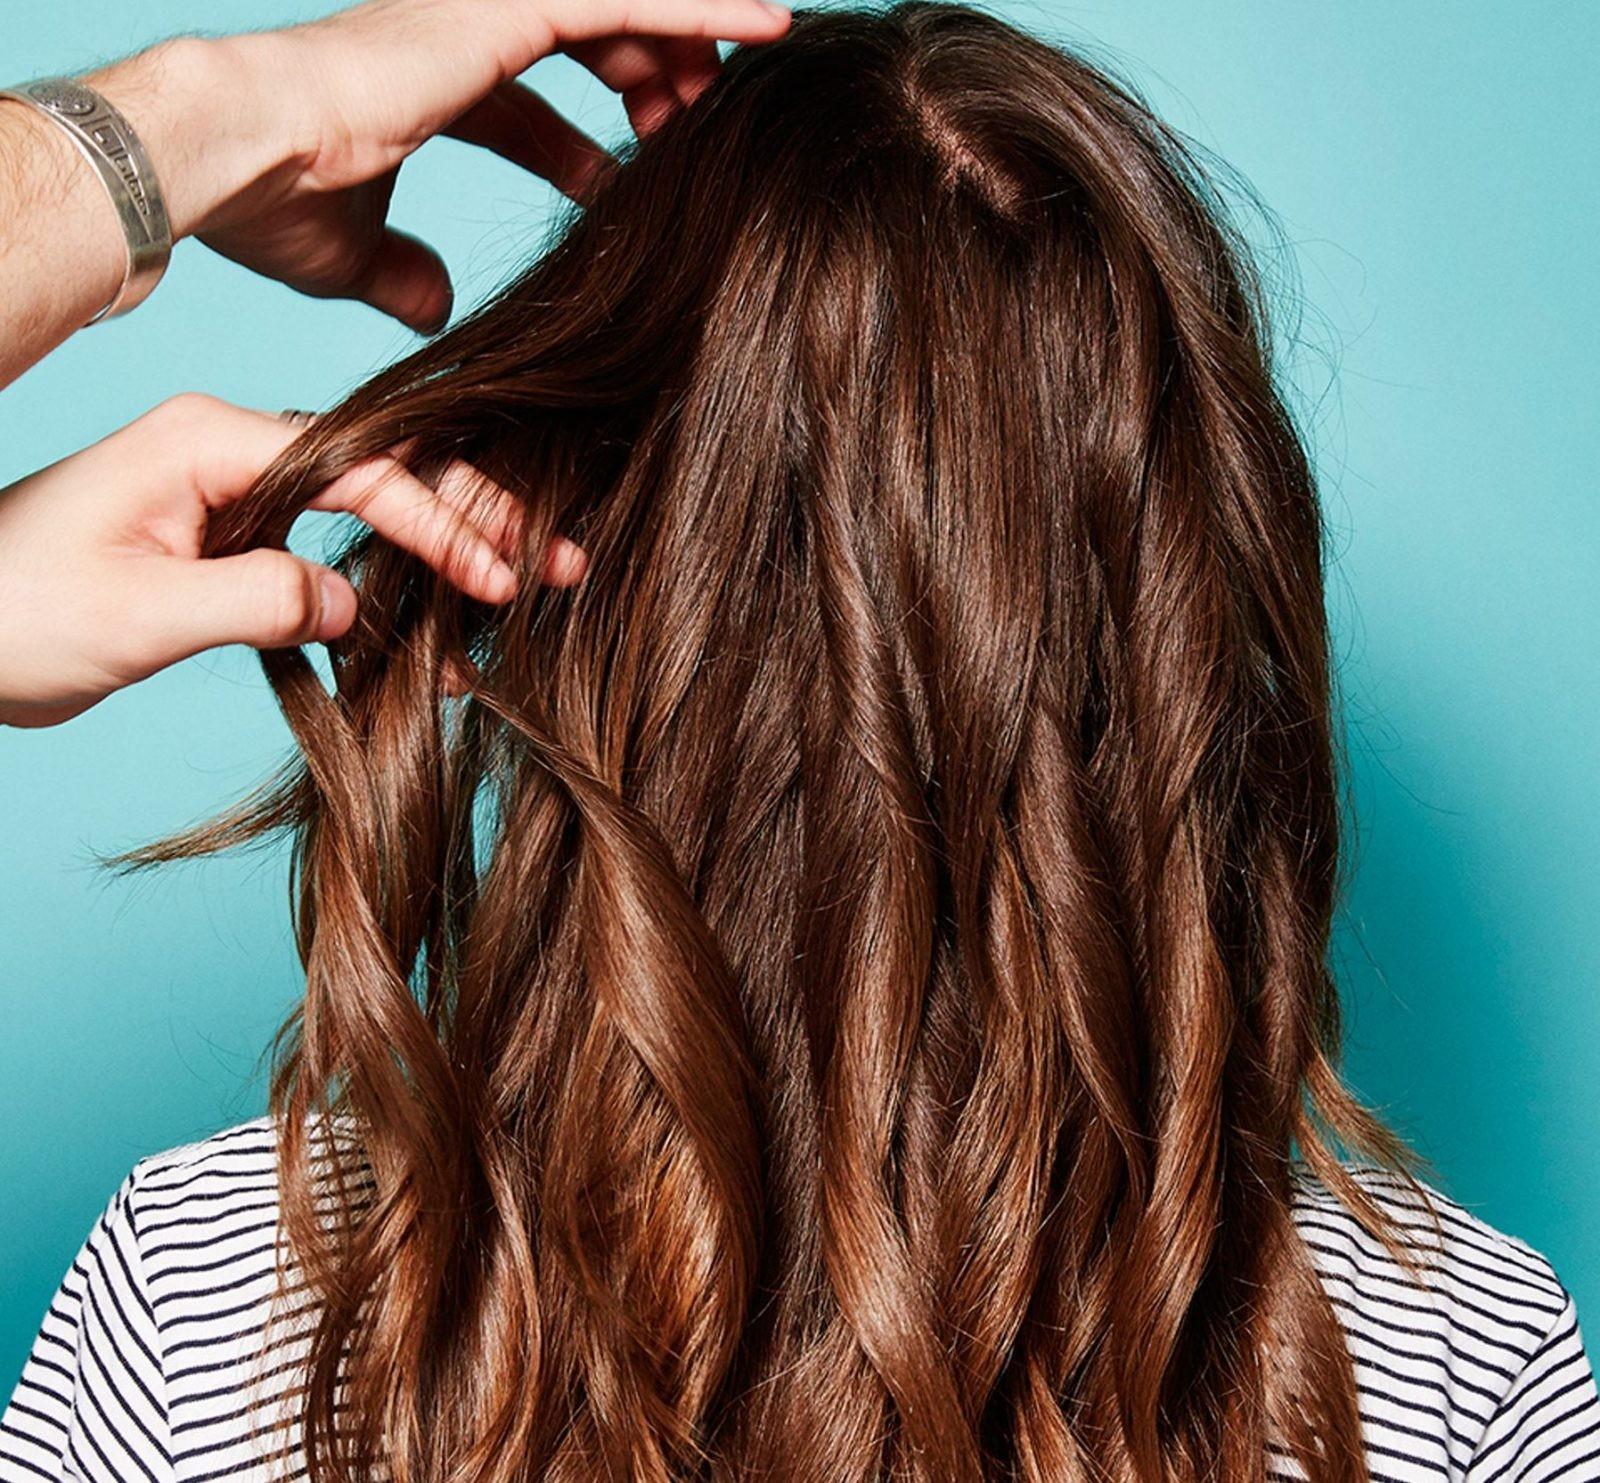 cách dưỡng tóc bằng dầu dừa, tác dụng của dầu dừa với tóc, dưỡng tóc với dầu dừa, tác dụng dầu dừa với tóc, dầu dừa bôi tóc, dưỡng tóc bằng dầu dừa đúng cách, duong toc bang dau dua, dưỡng tóc nhanh dài bằng dầu dừa, dầu dừa với tóc, dưỡng tóc dài bằng dầu dừa